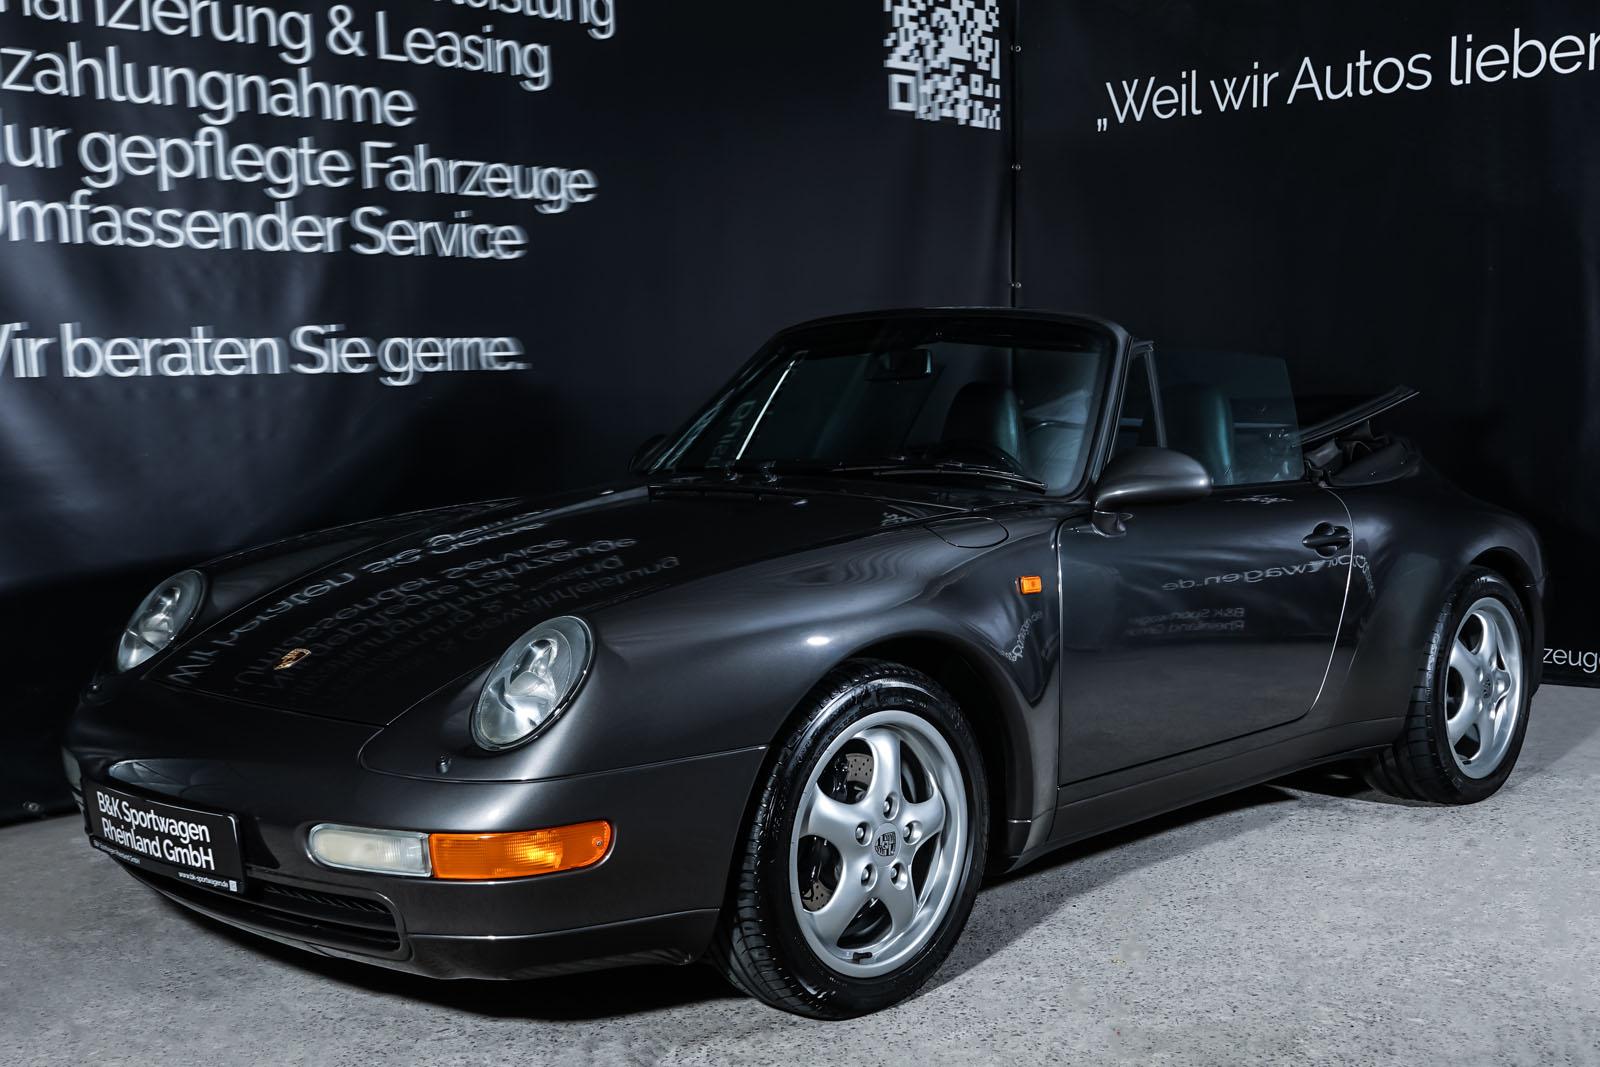 Porsche_993_Carrera_Cabrio_Grau_Schwarz_POR-2375_7_w